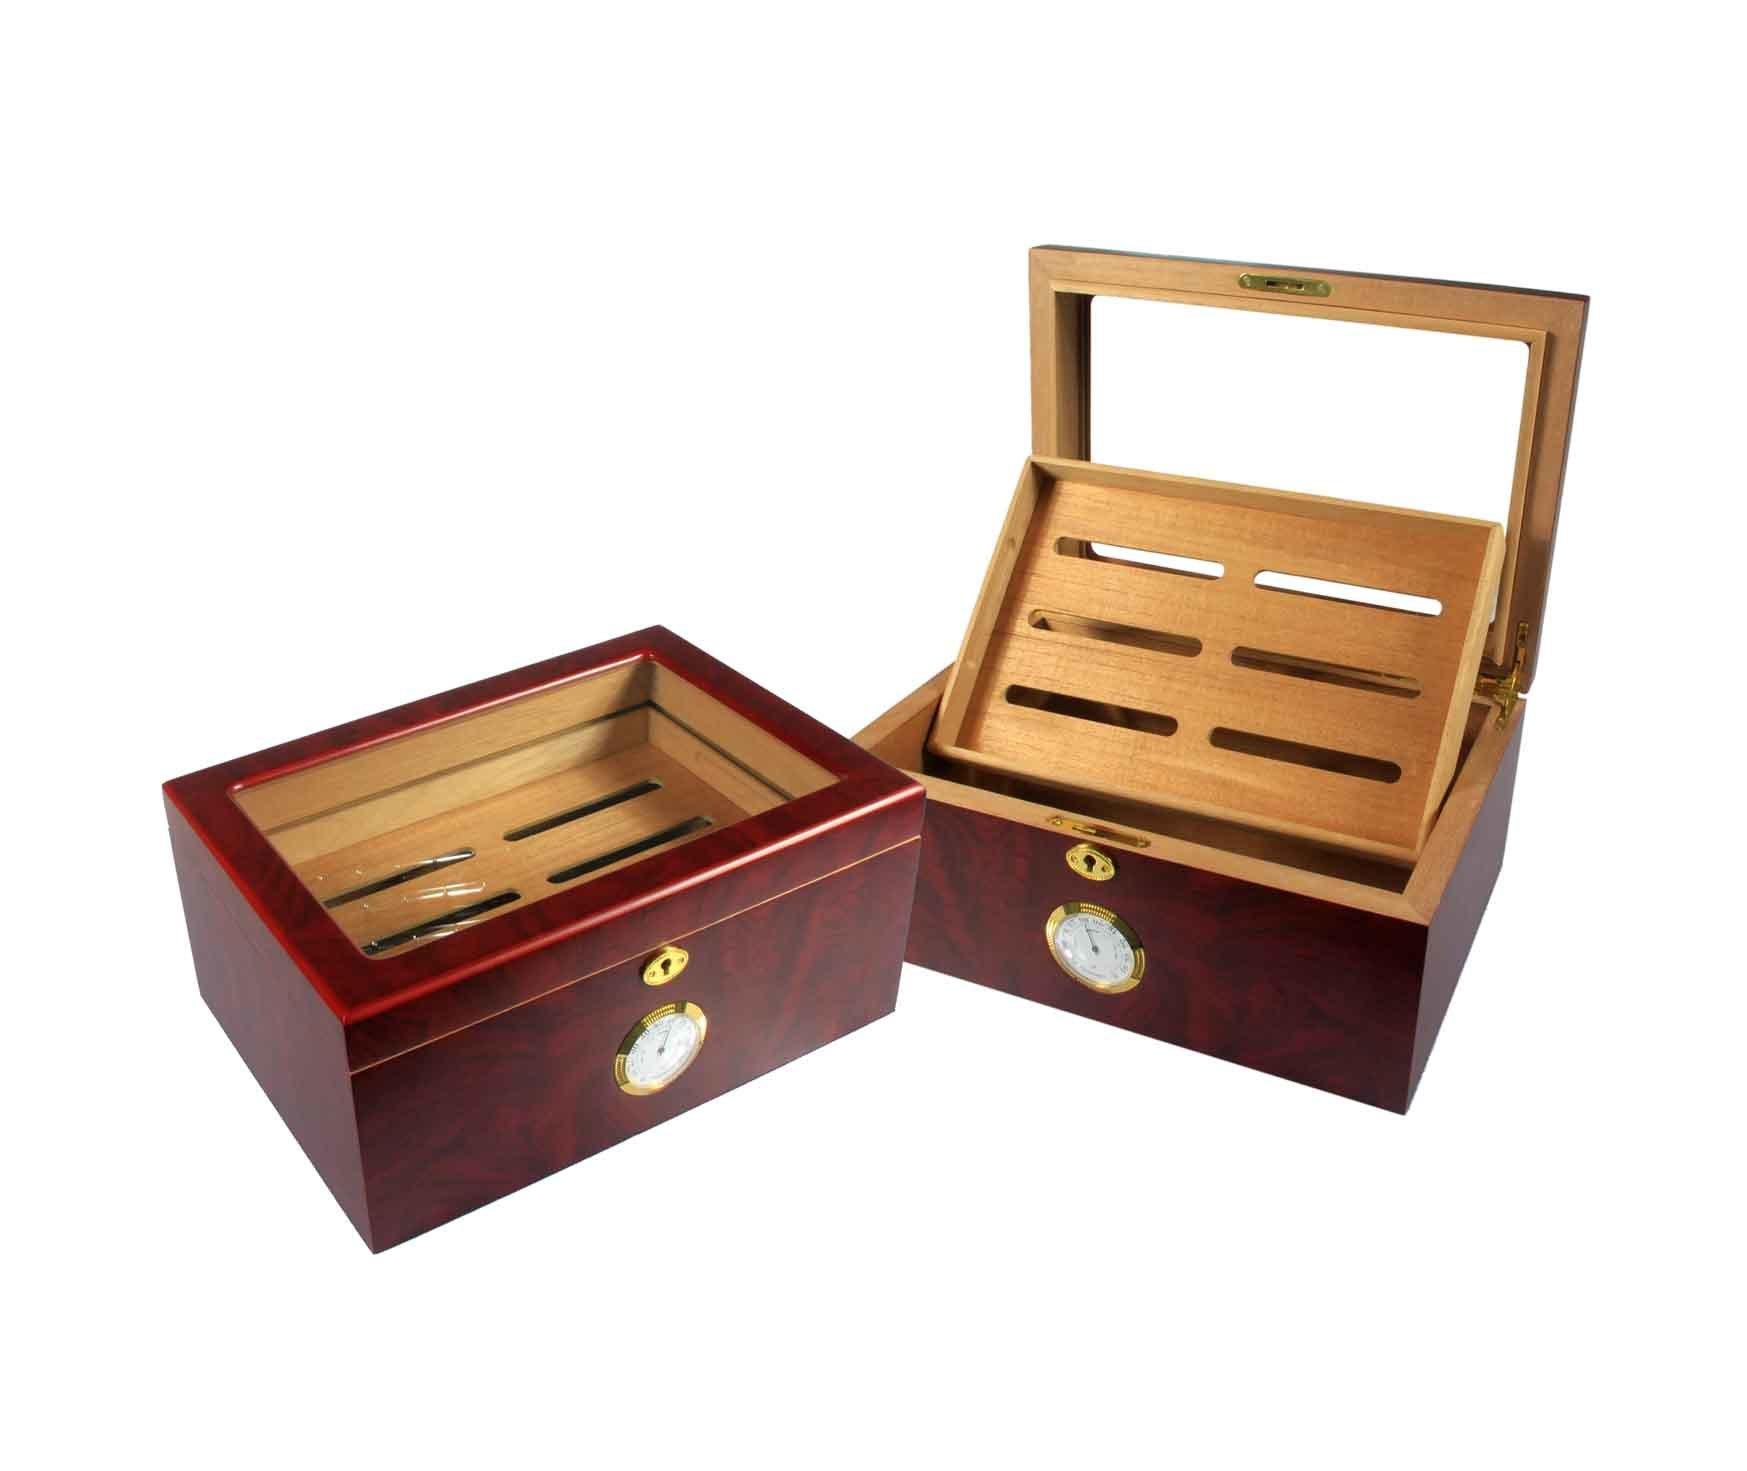 Wooden Humidor with Humidity Meter China Humidor Cigar Humidor #AD701E